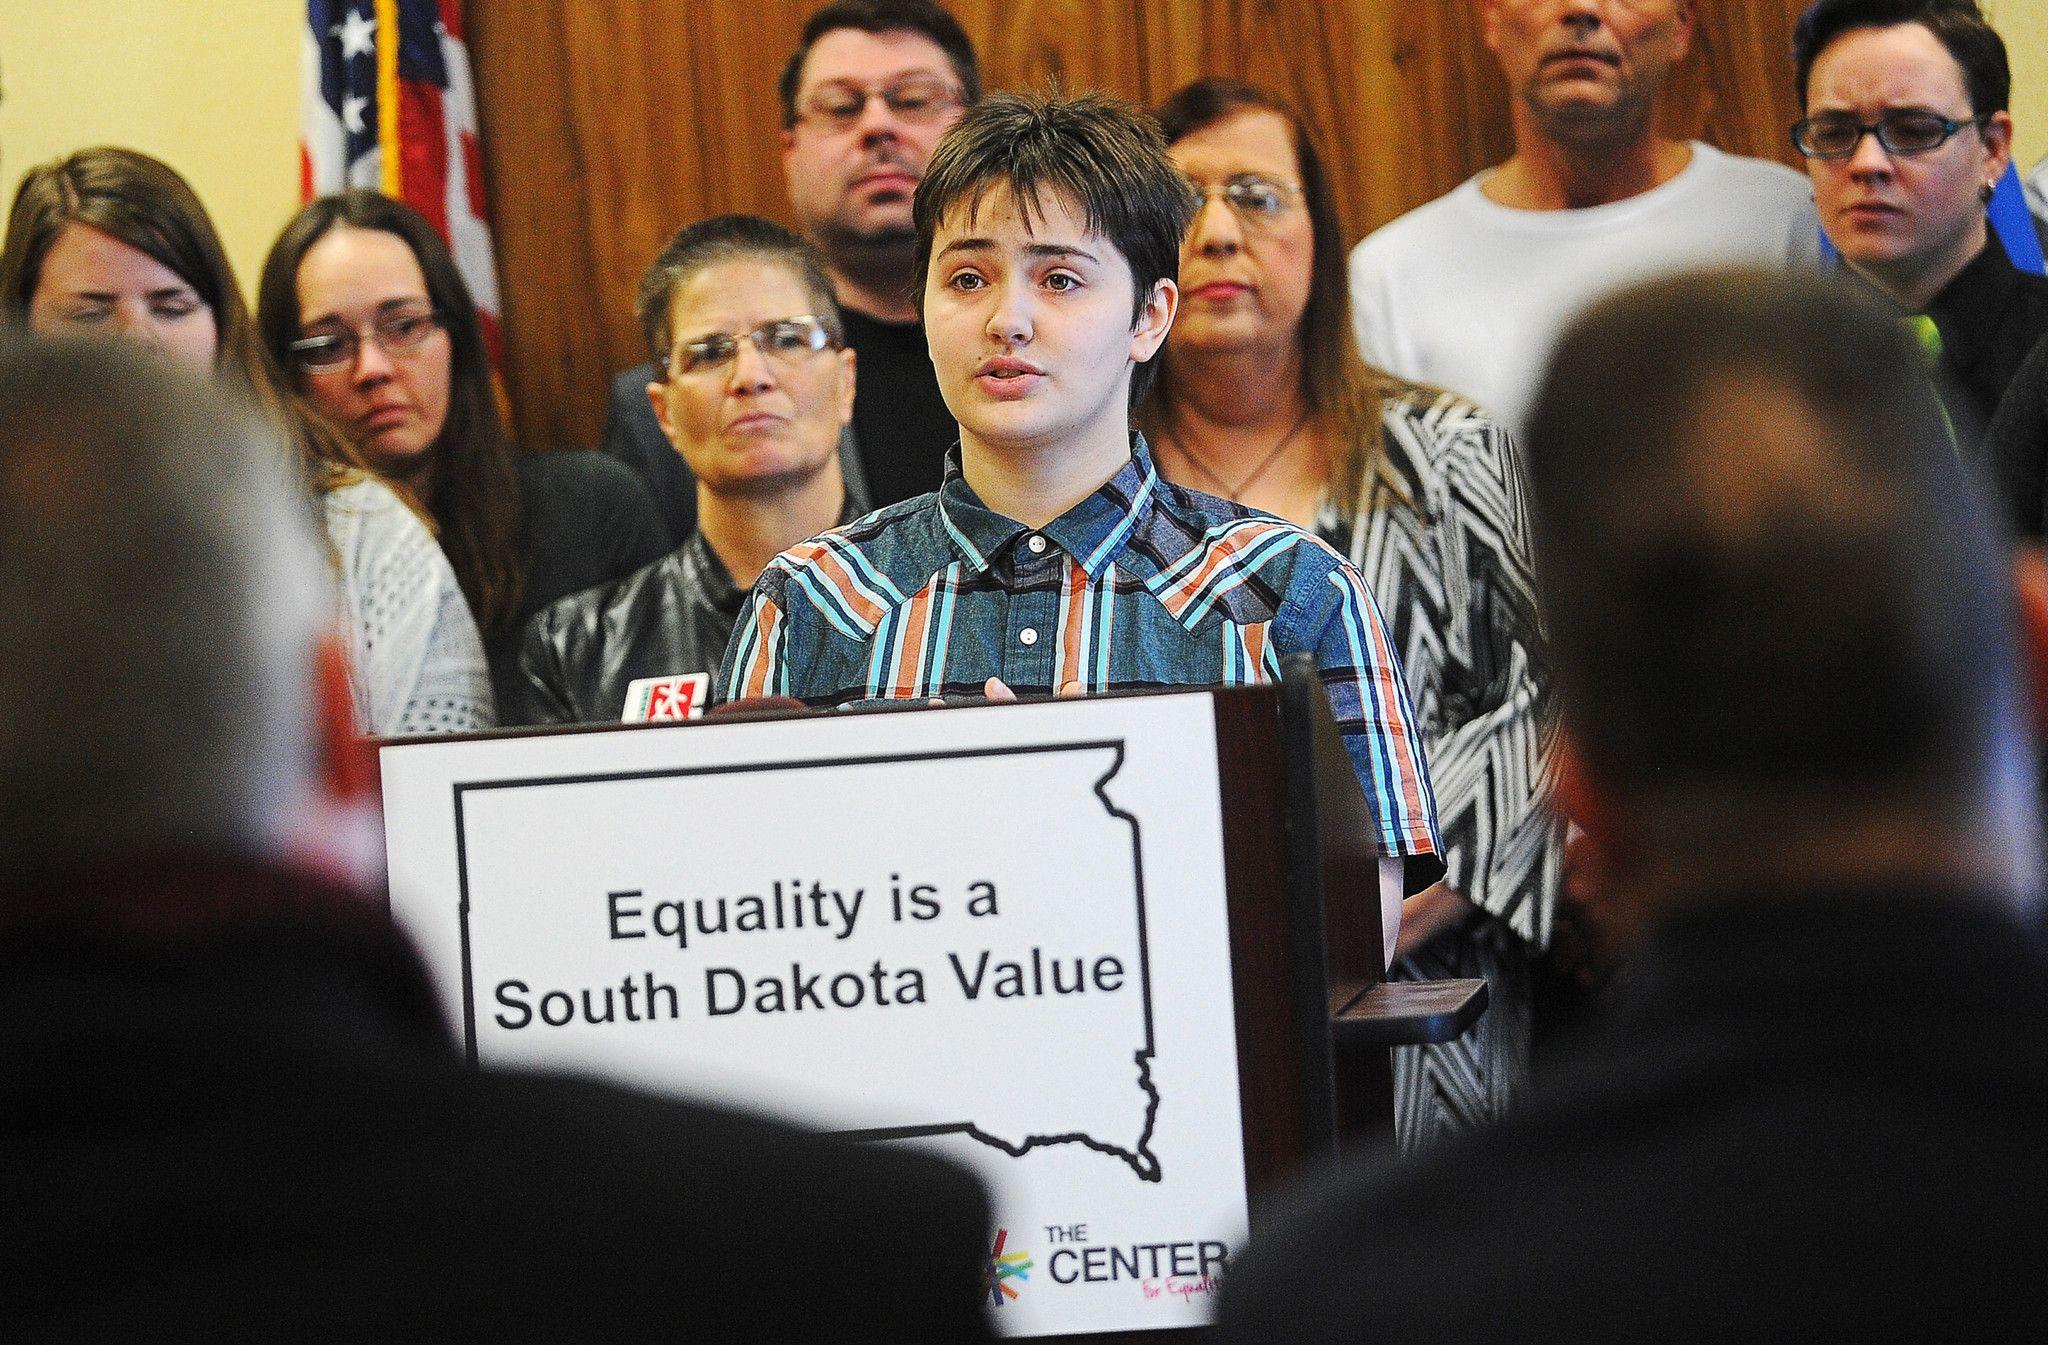 Critics of South Dakotas transgender bathroom bill are